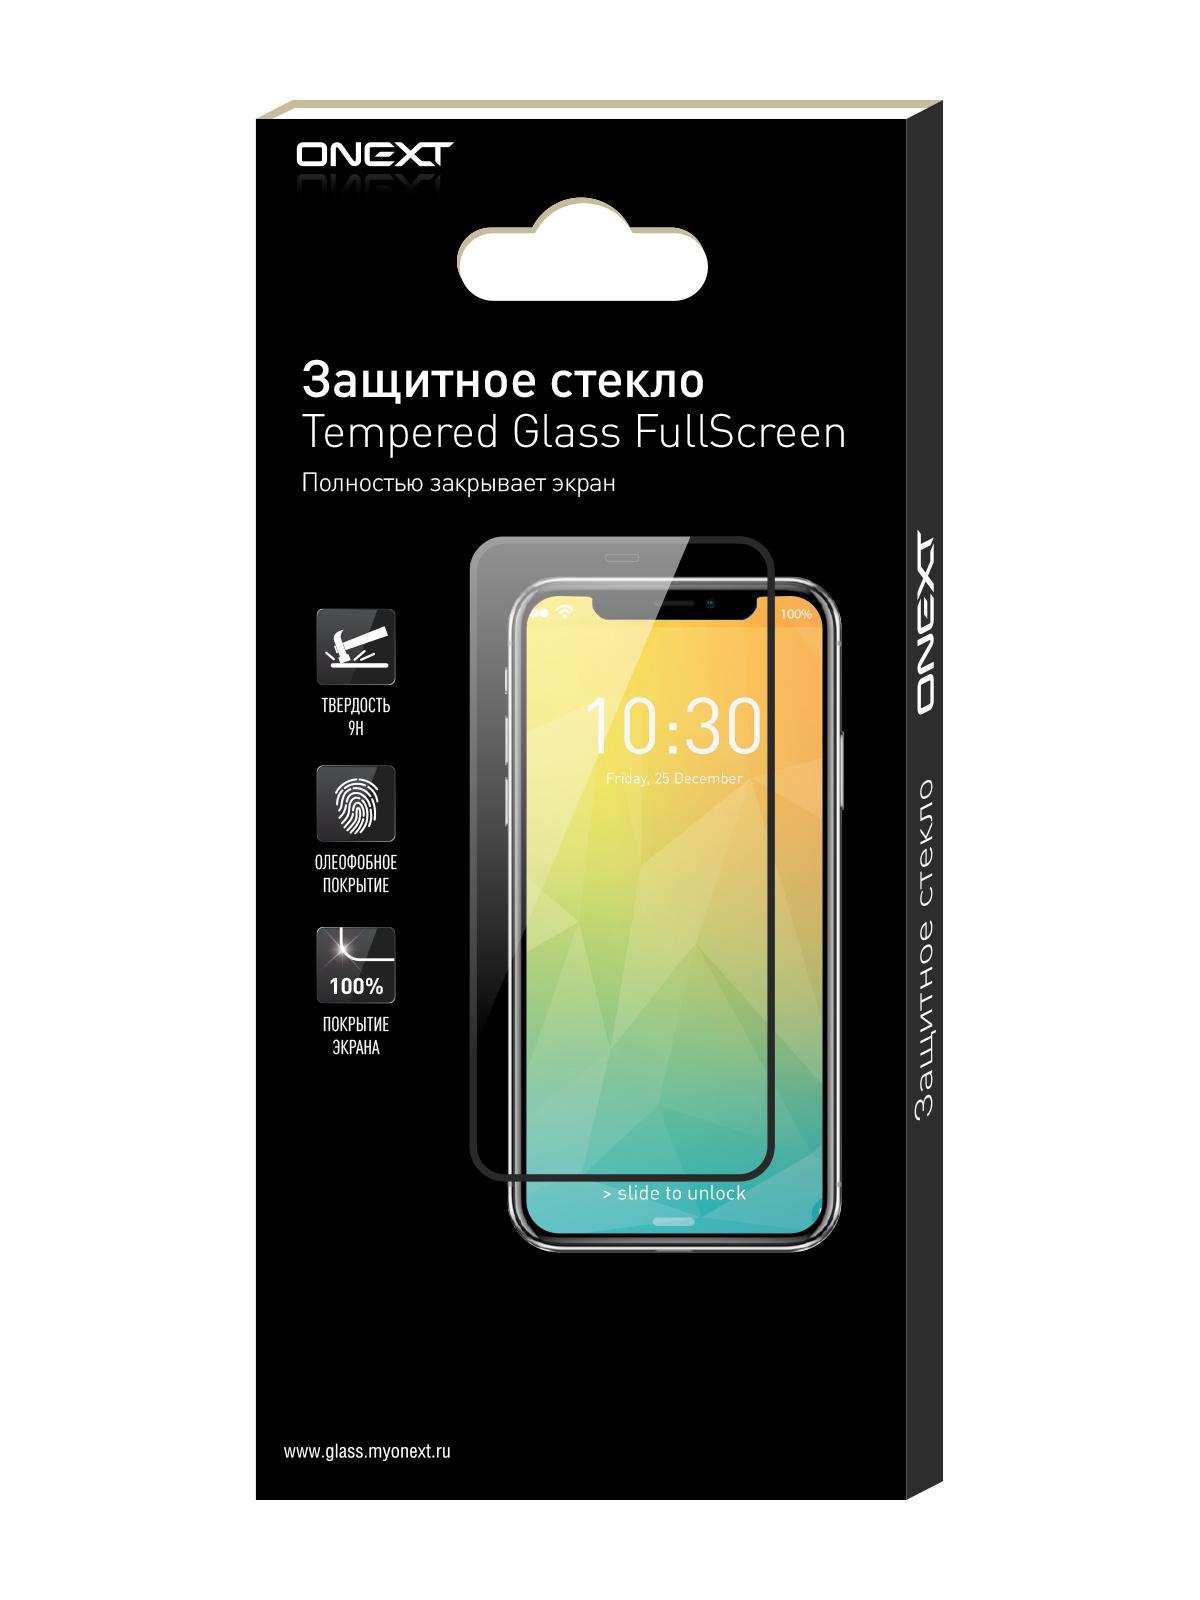 Защитное стекло ONEXT для Apple iPhone 6/iPhone 6S Black